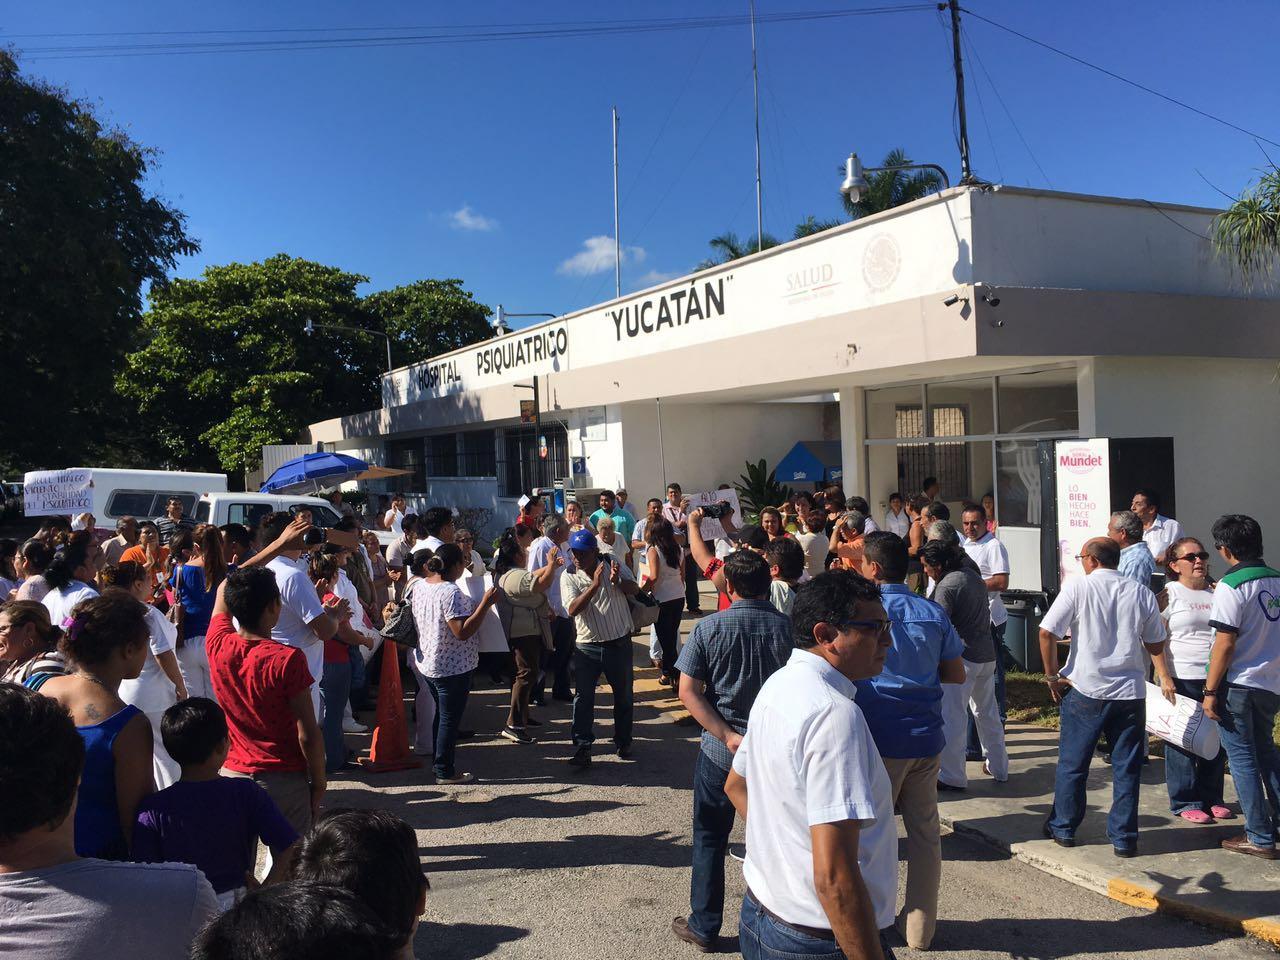 Presionan con protesta enHospital Psiquiátrico Yucatán